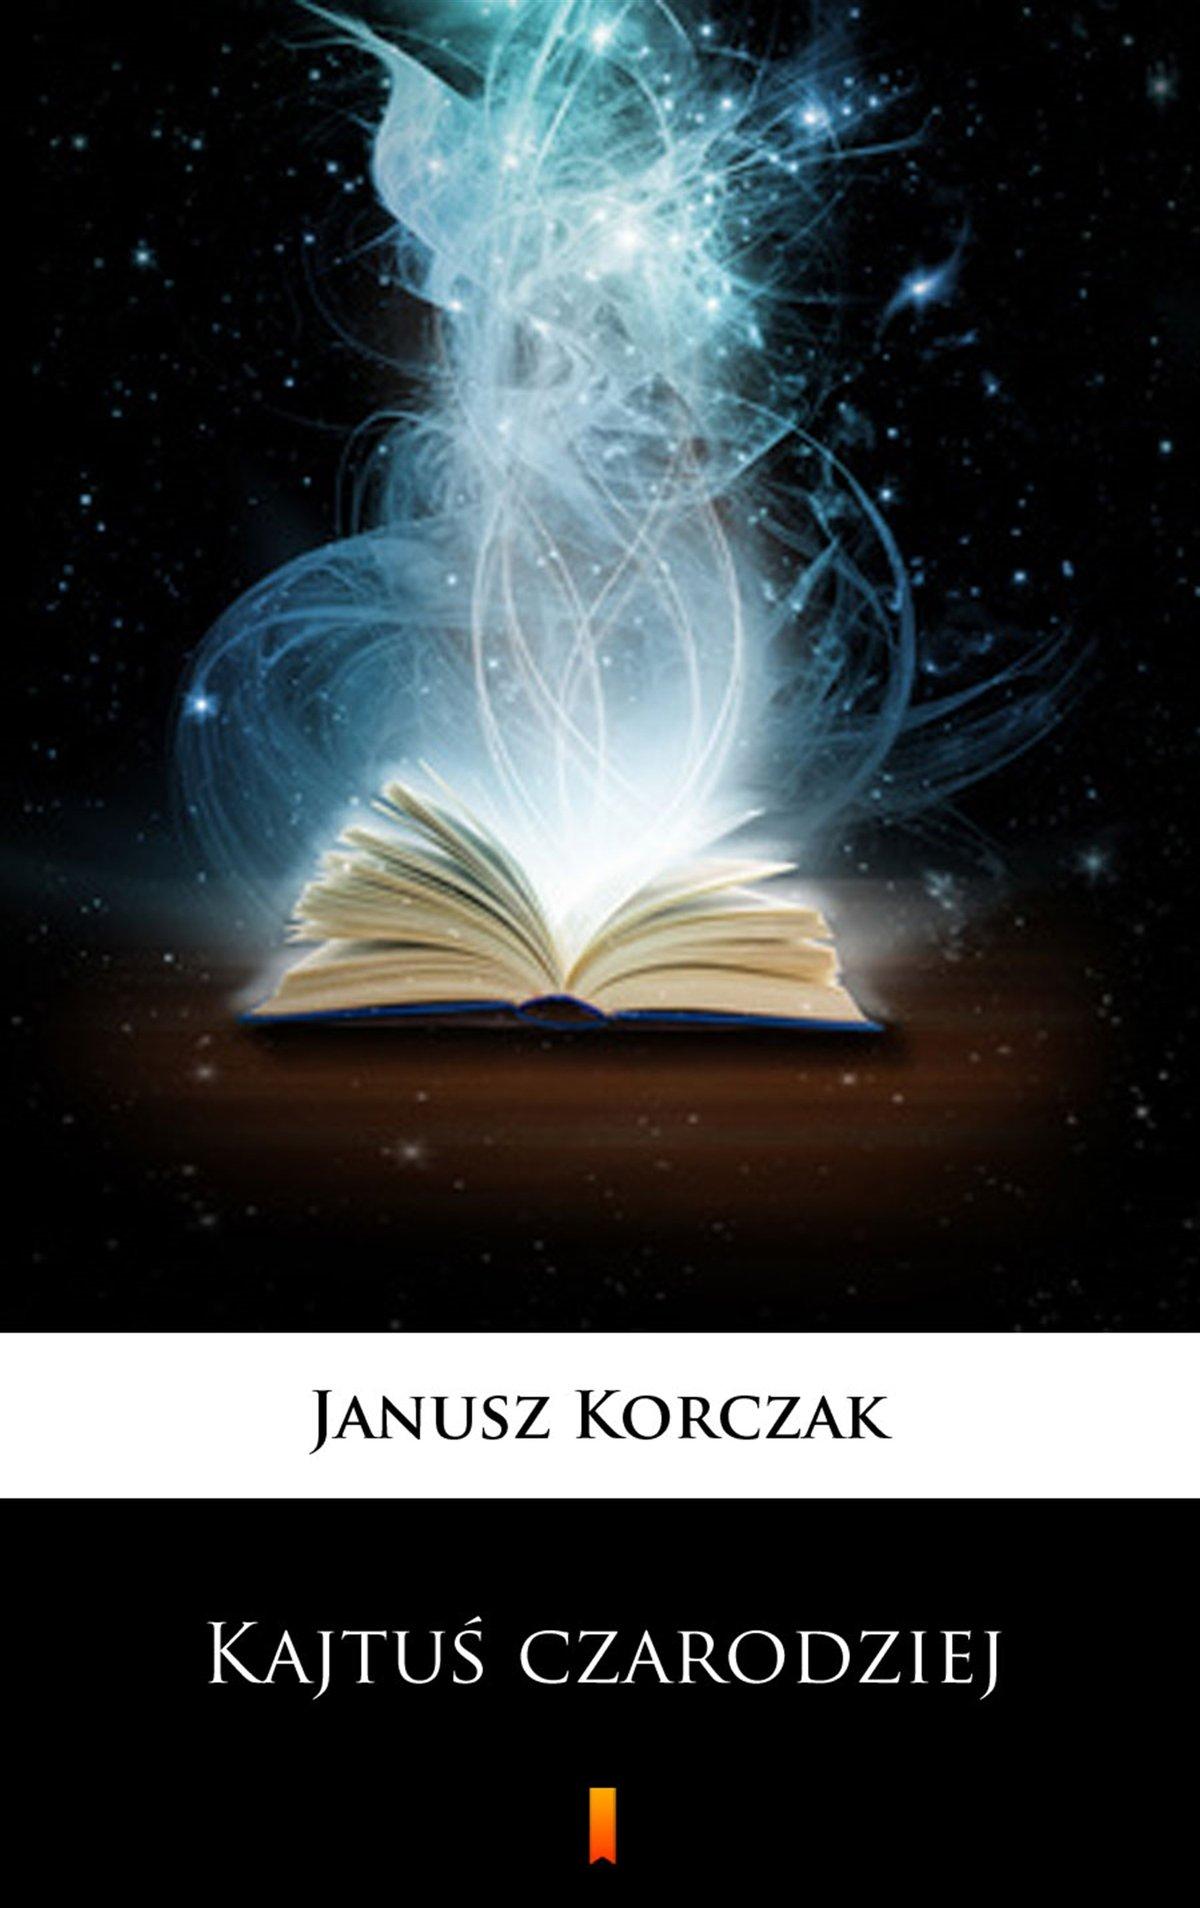 Kajtuś czarodziej - Ebook (Książka EPUB) do pobrania w formacie EPUB